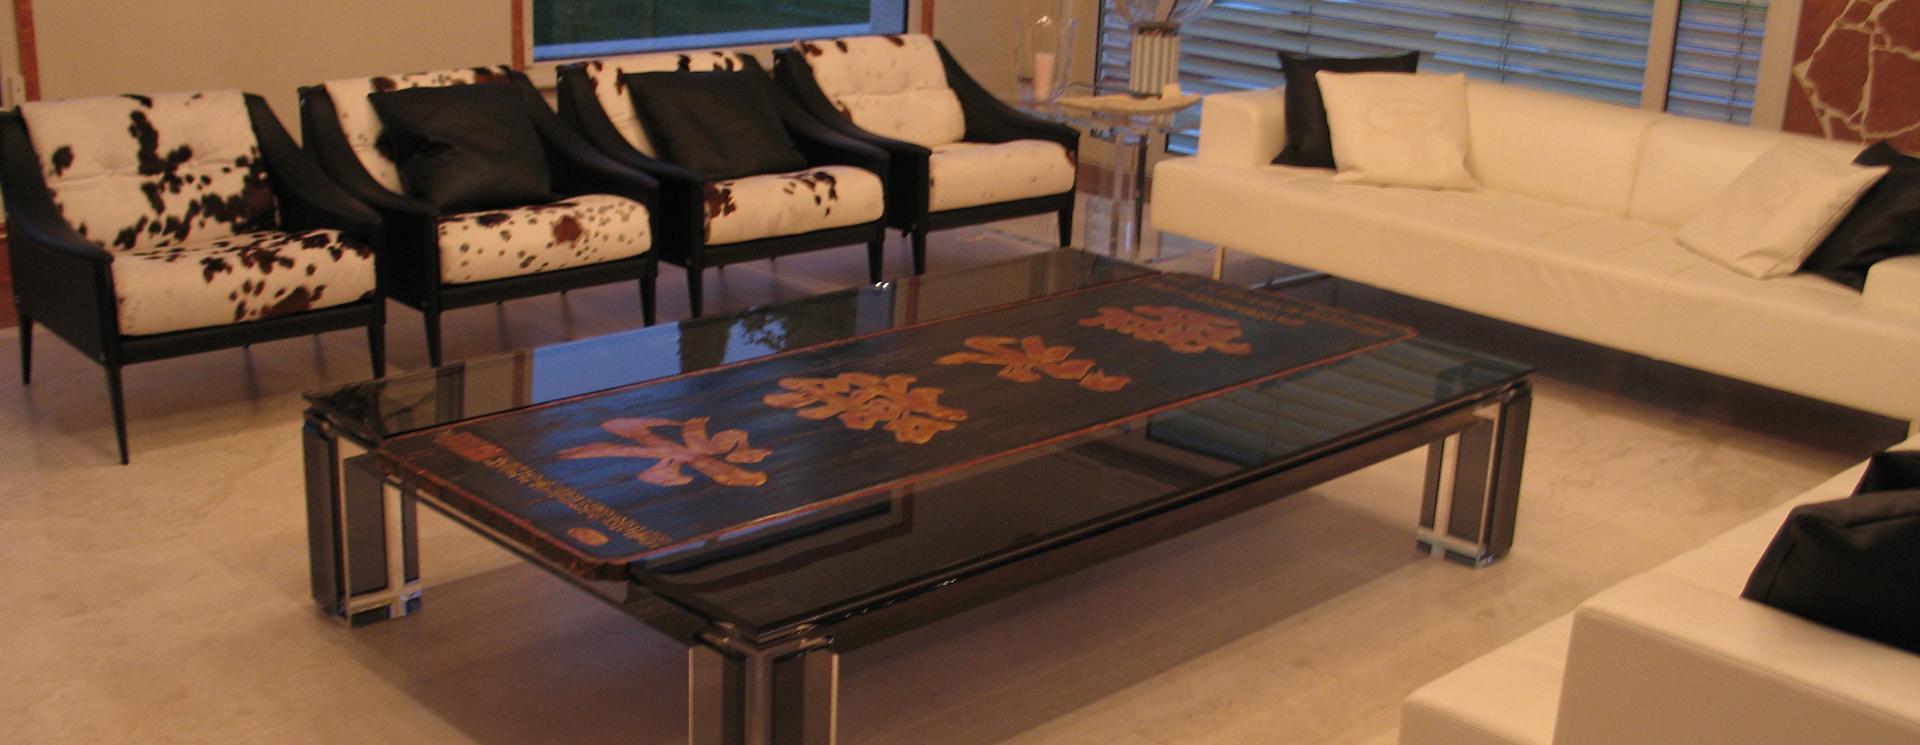 un divano di pelle di color bianco e delle poltrone